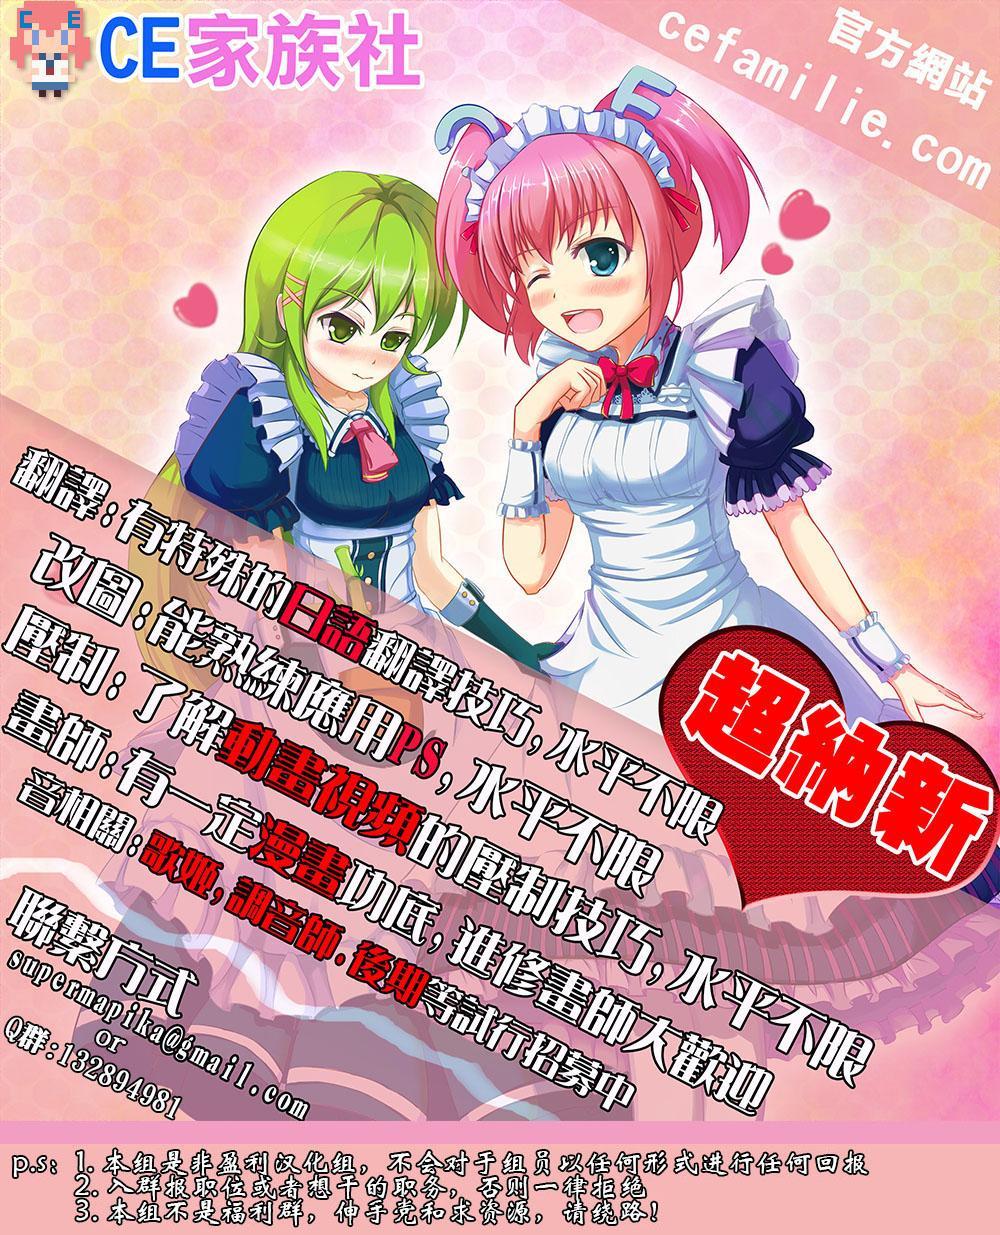 Bep→Ore←Hibiki2 Lolicon Kakko Gachi 23